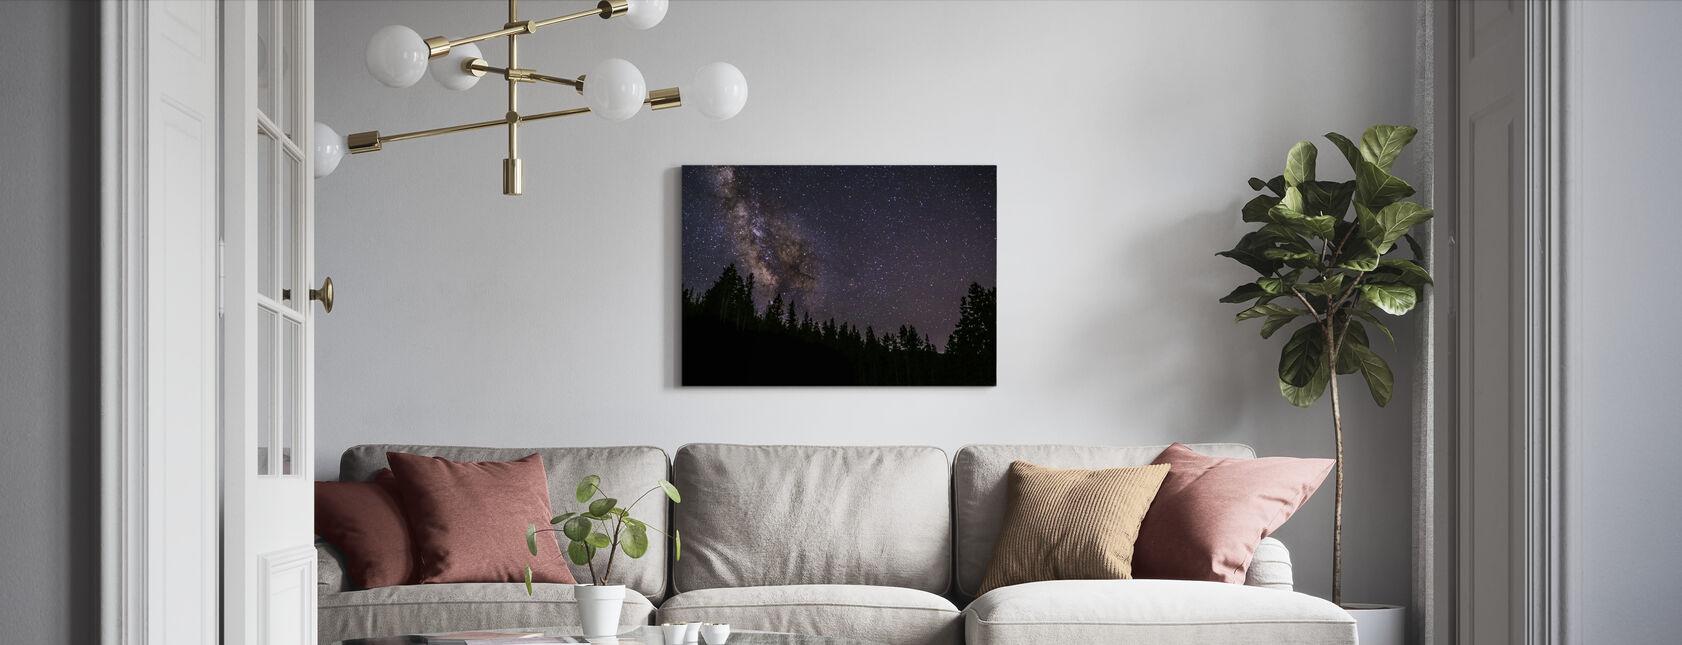 Milchstraße - Leinwandbild - Wohnzimmer